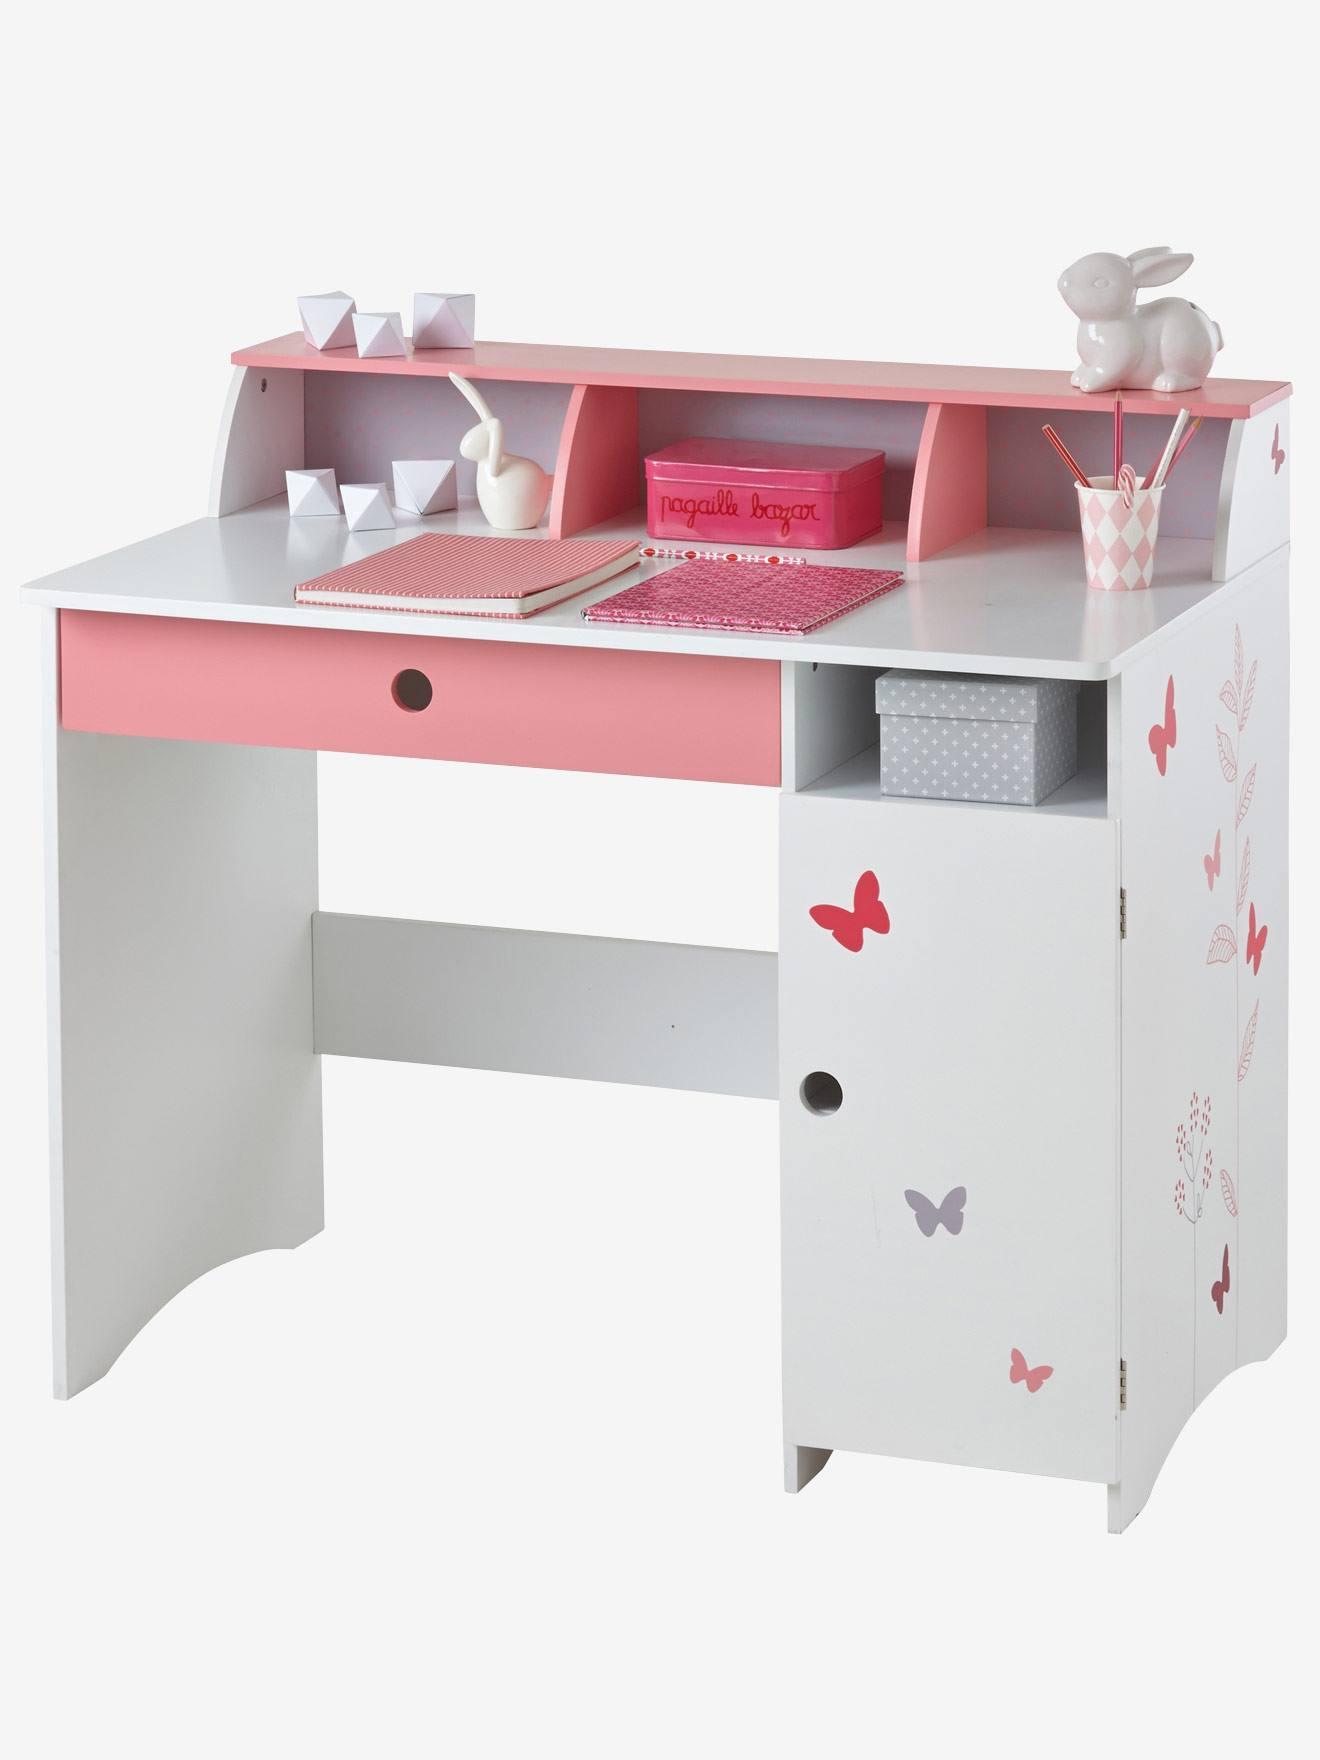 Kinderzimmer Kindermöbel Kinderschreibtisch Mit Schmetterlingen